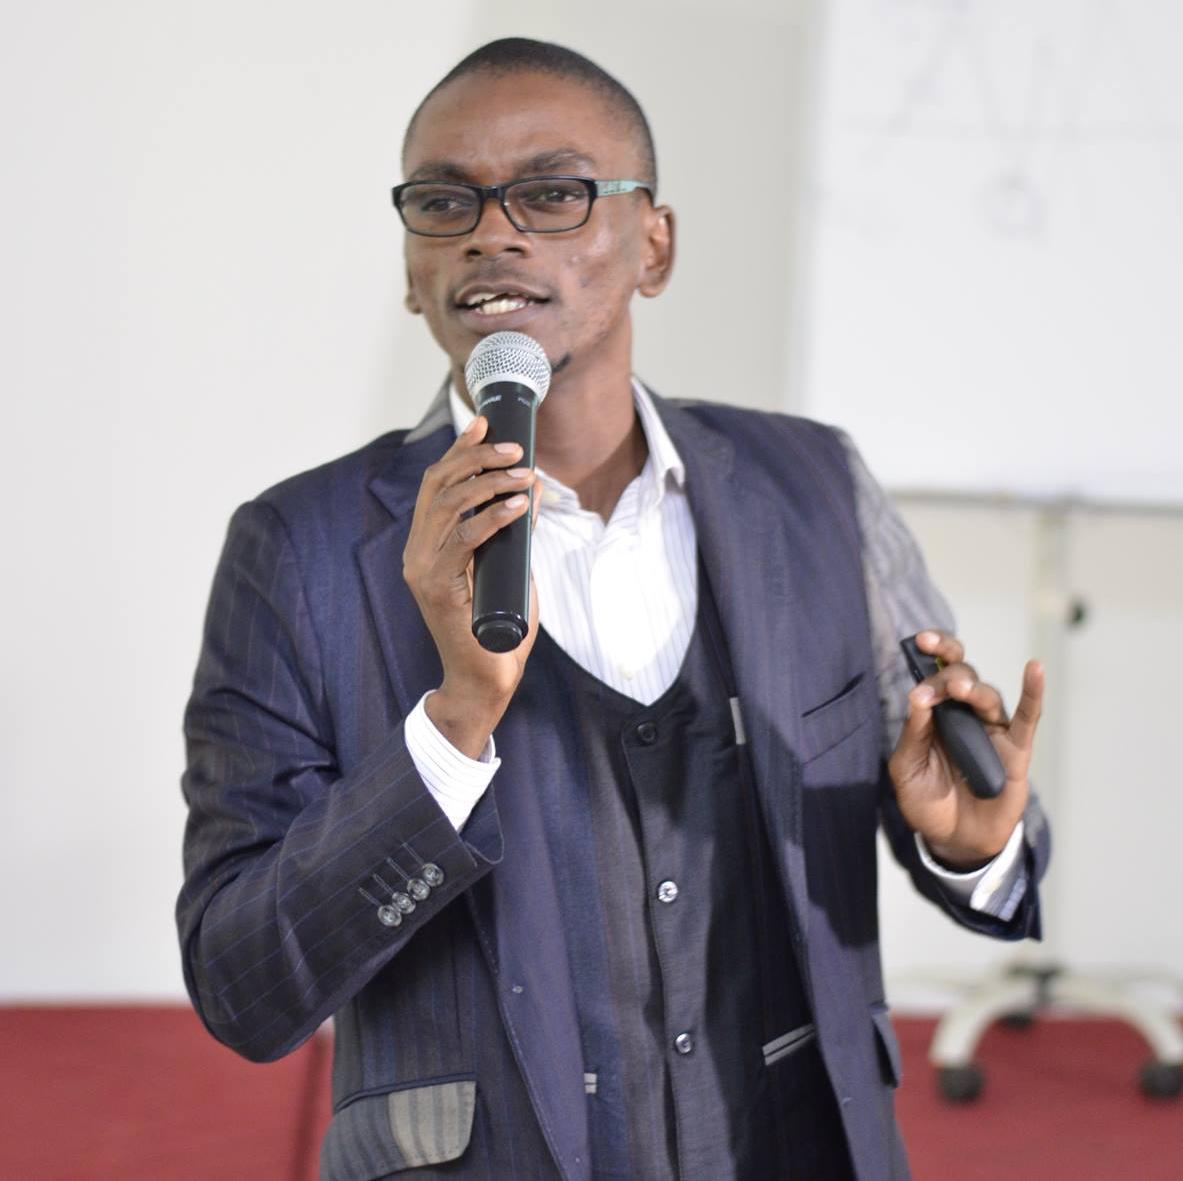 Paul Emmanuel NDJENG - BlogCamp18 - Cameroun - BlogCamp